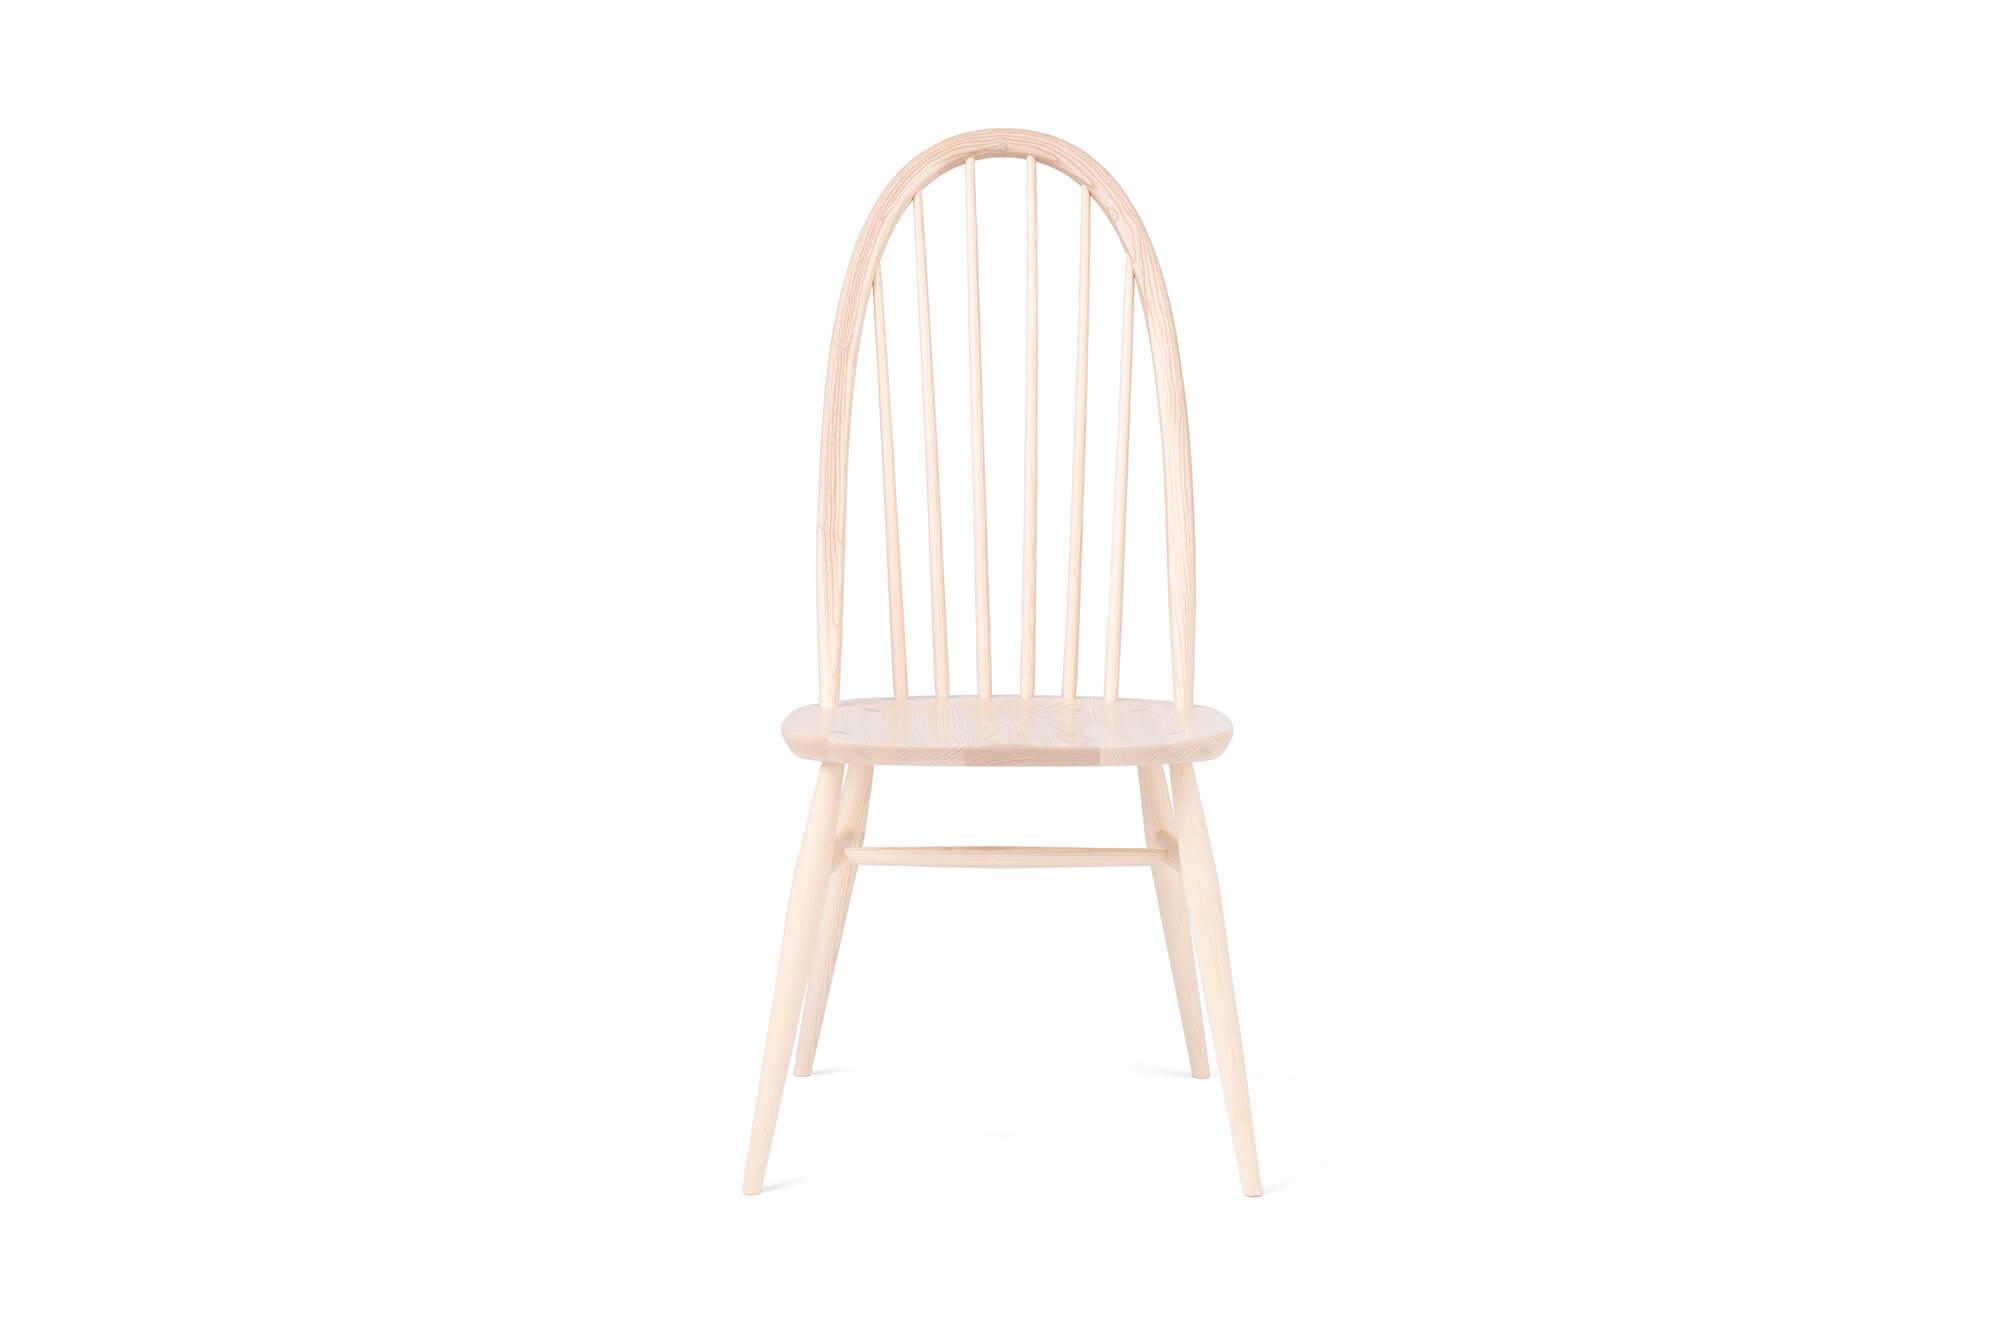 Originals Quaker Dining Chair